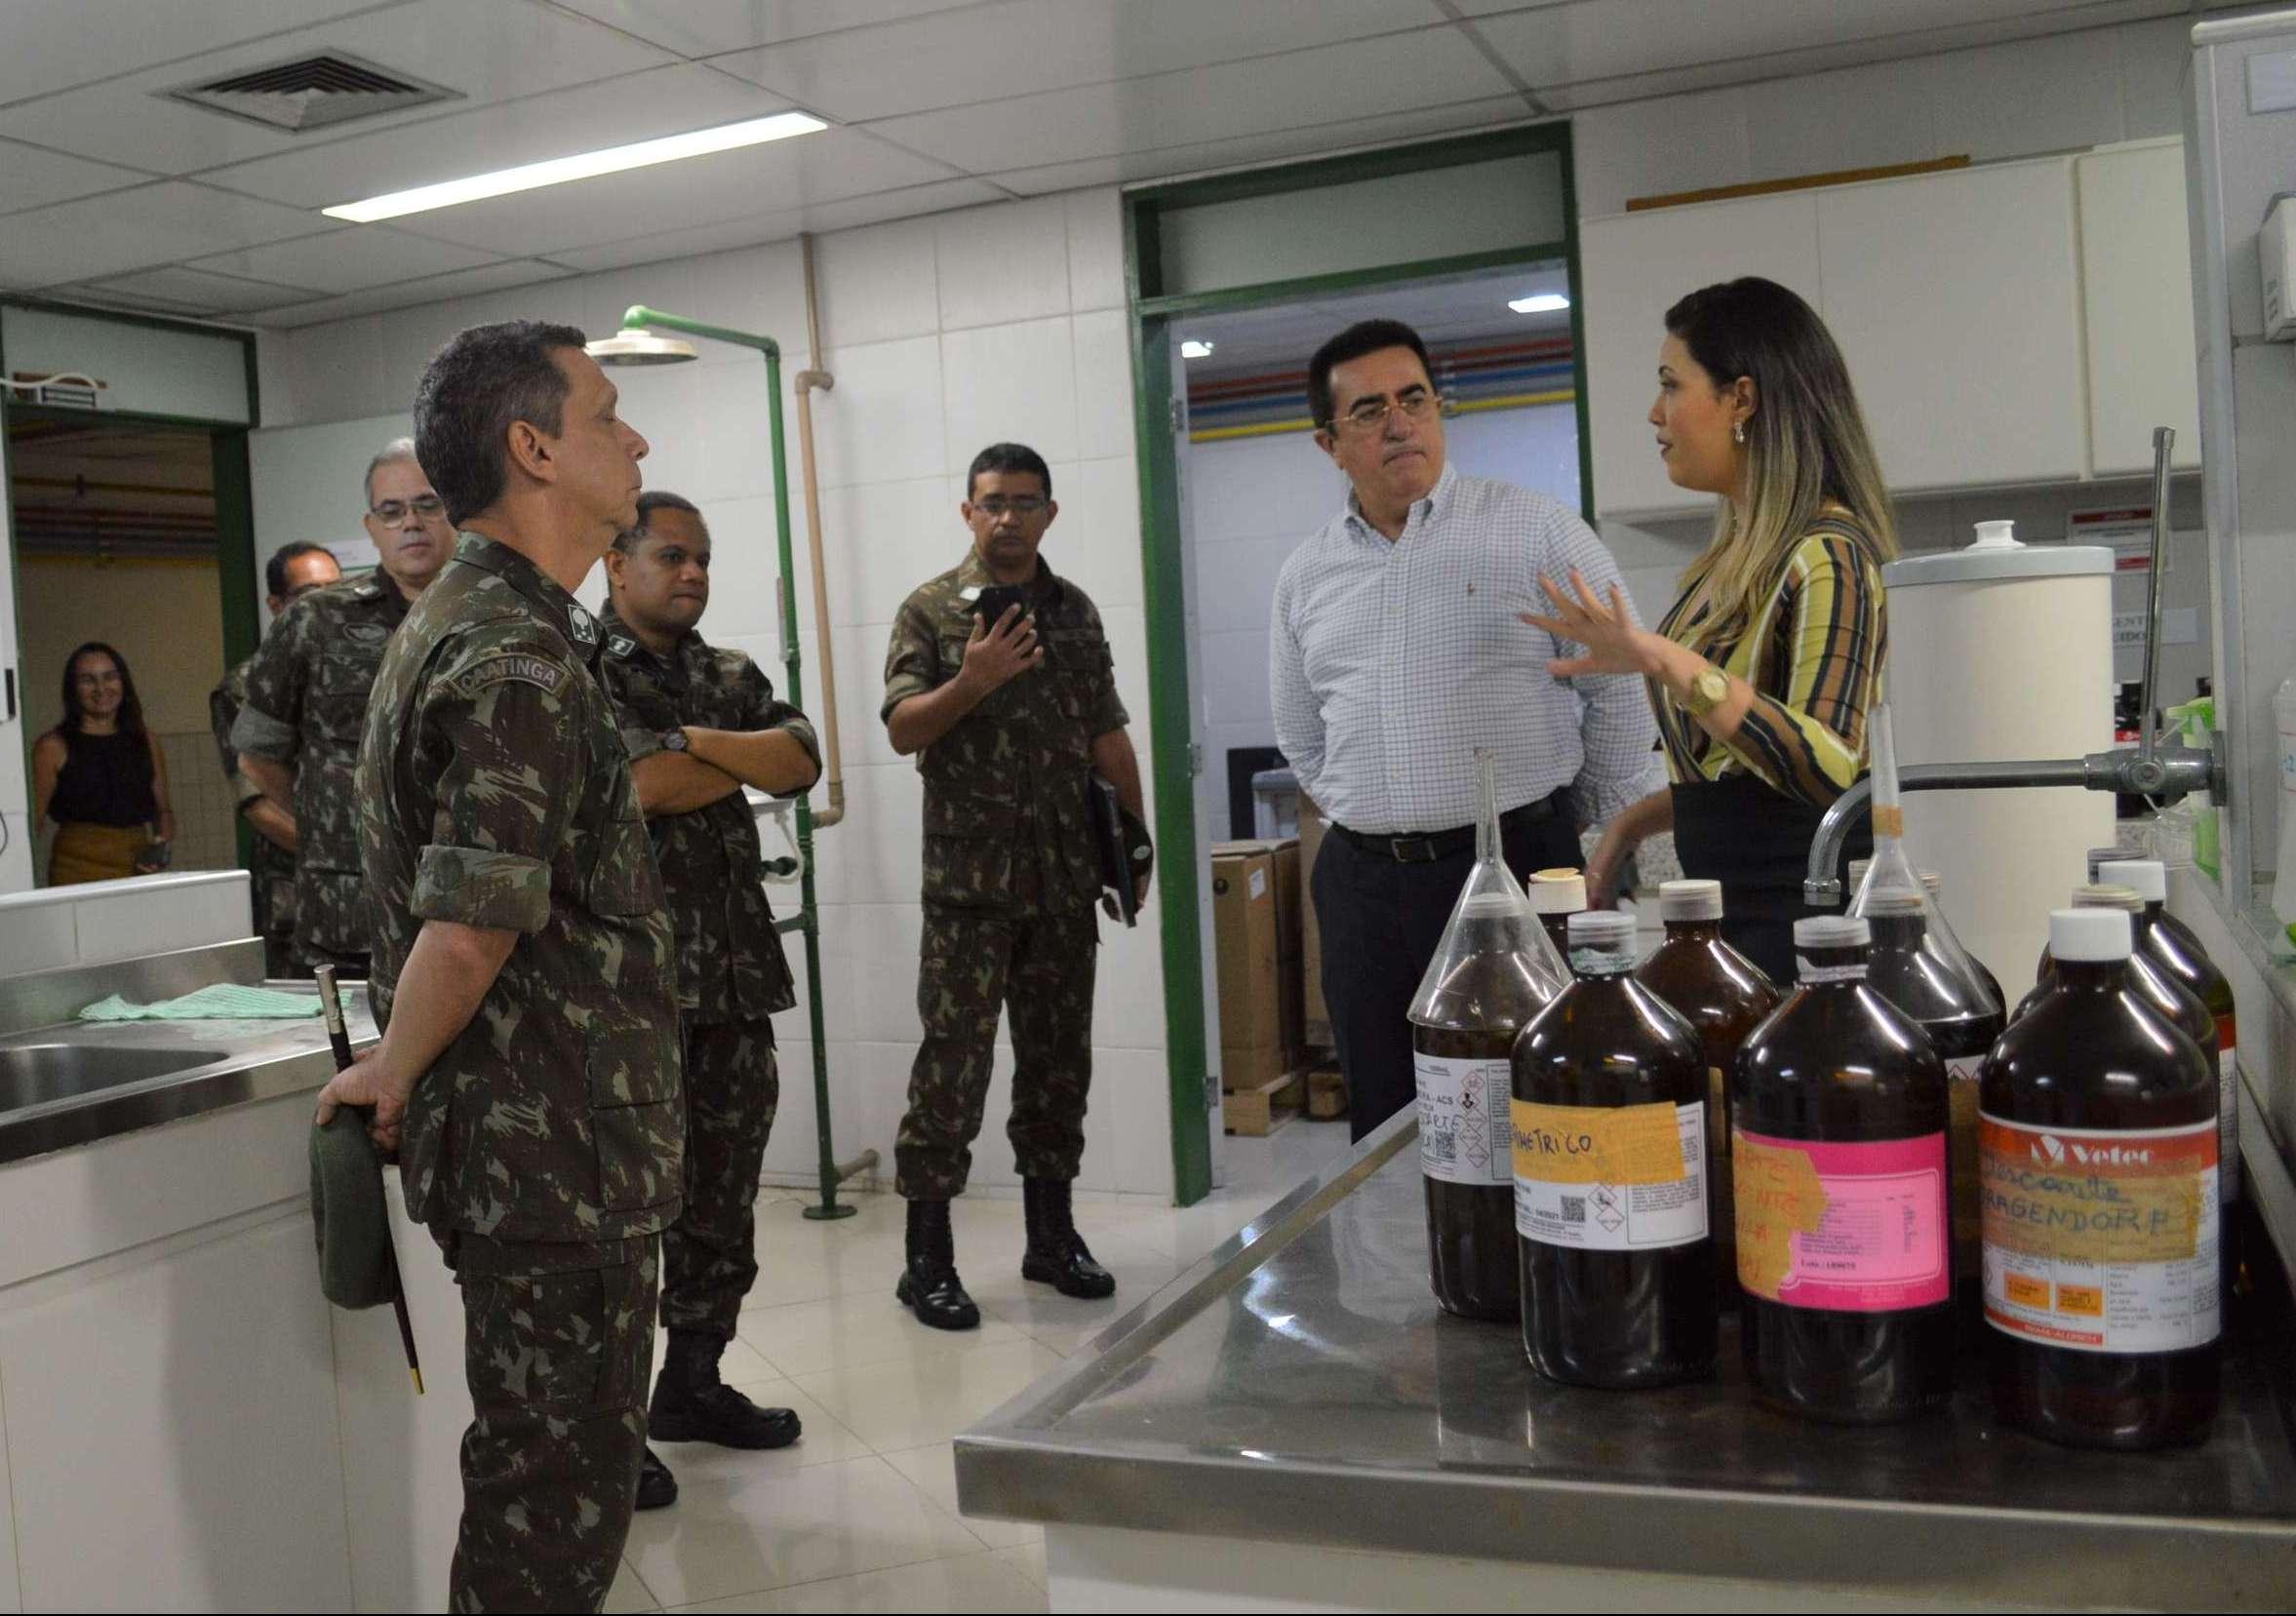 Pefoce recebe comando da 10º Região Militar do Exército Brasileiro para visita técnica em sua estrutura